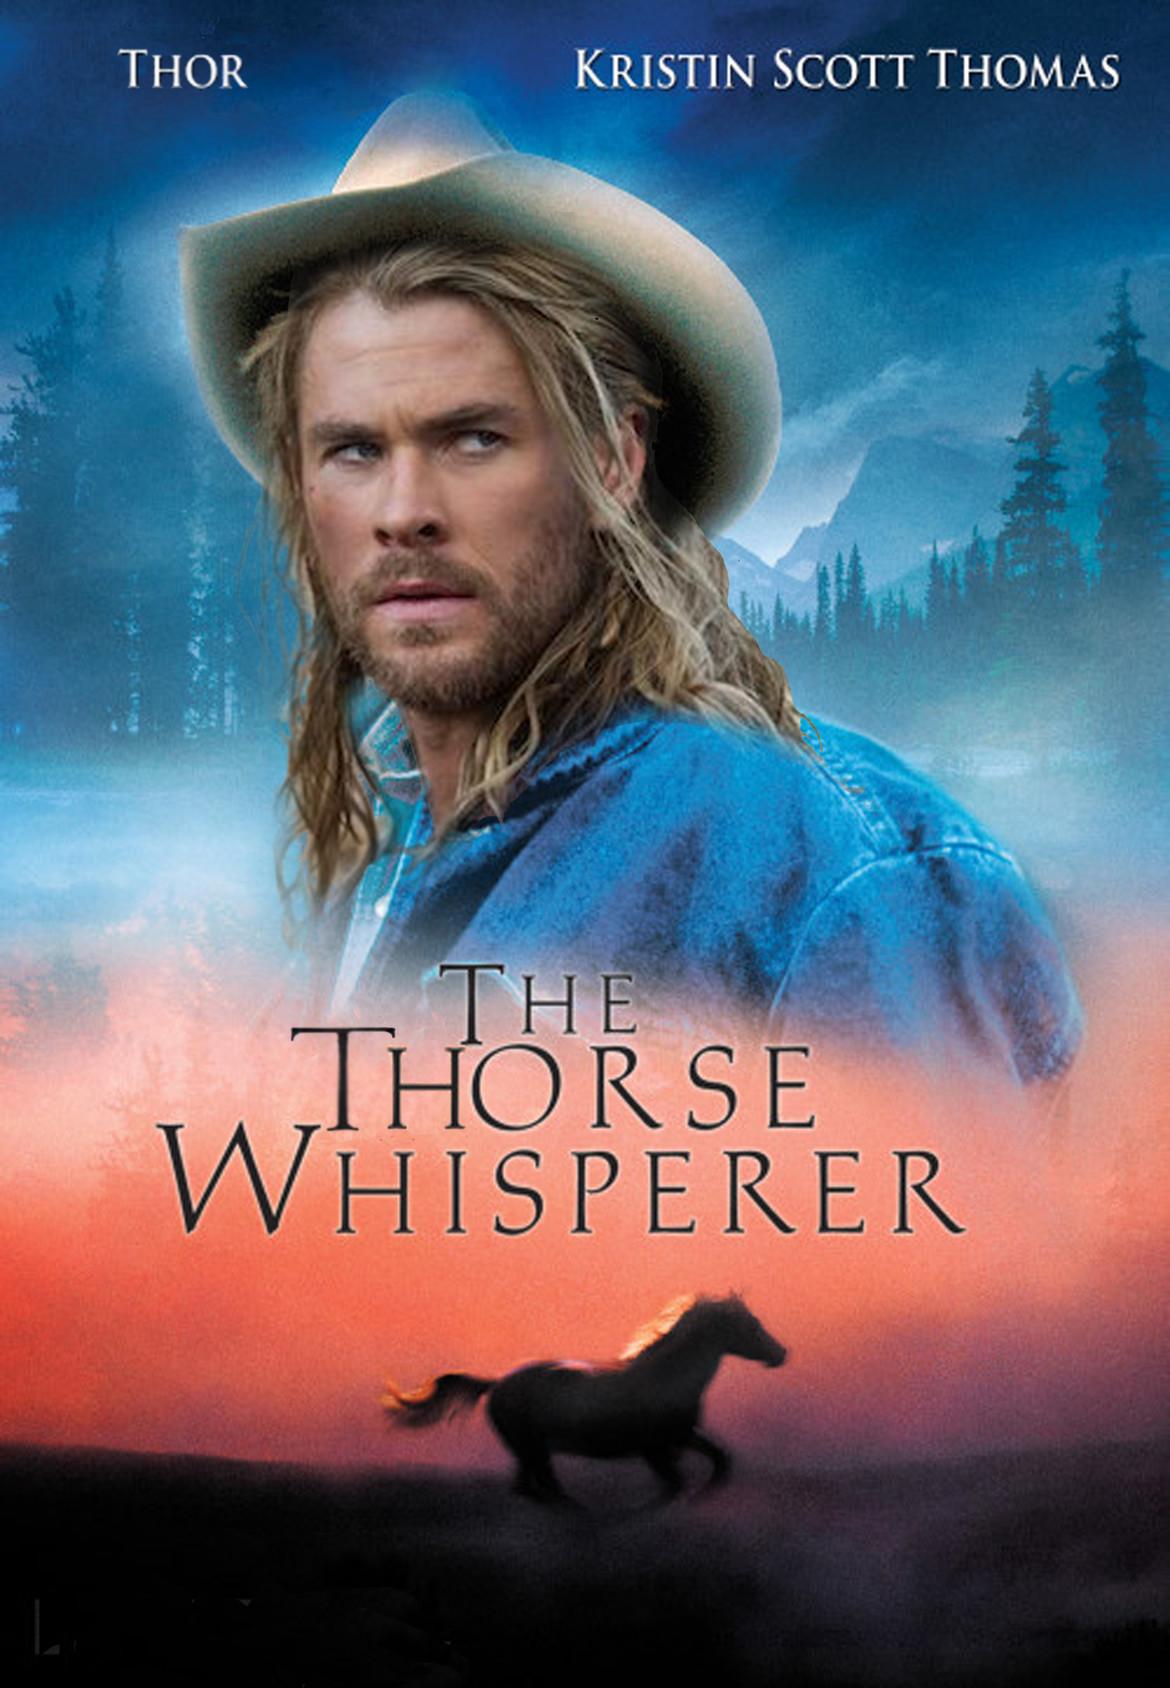 the thorse whisperer.jpg